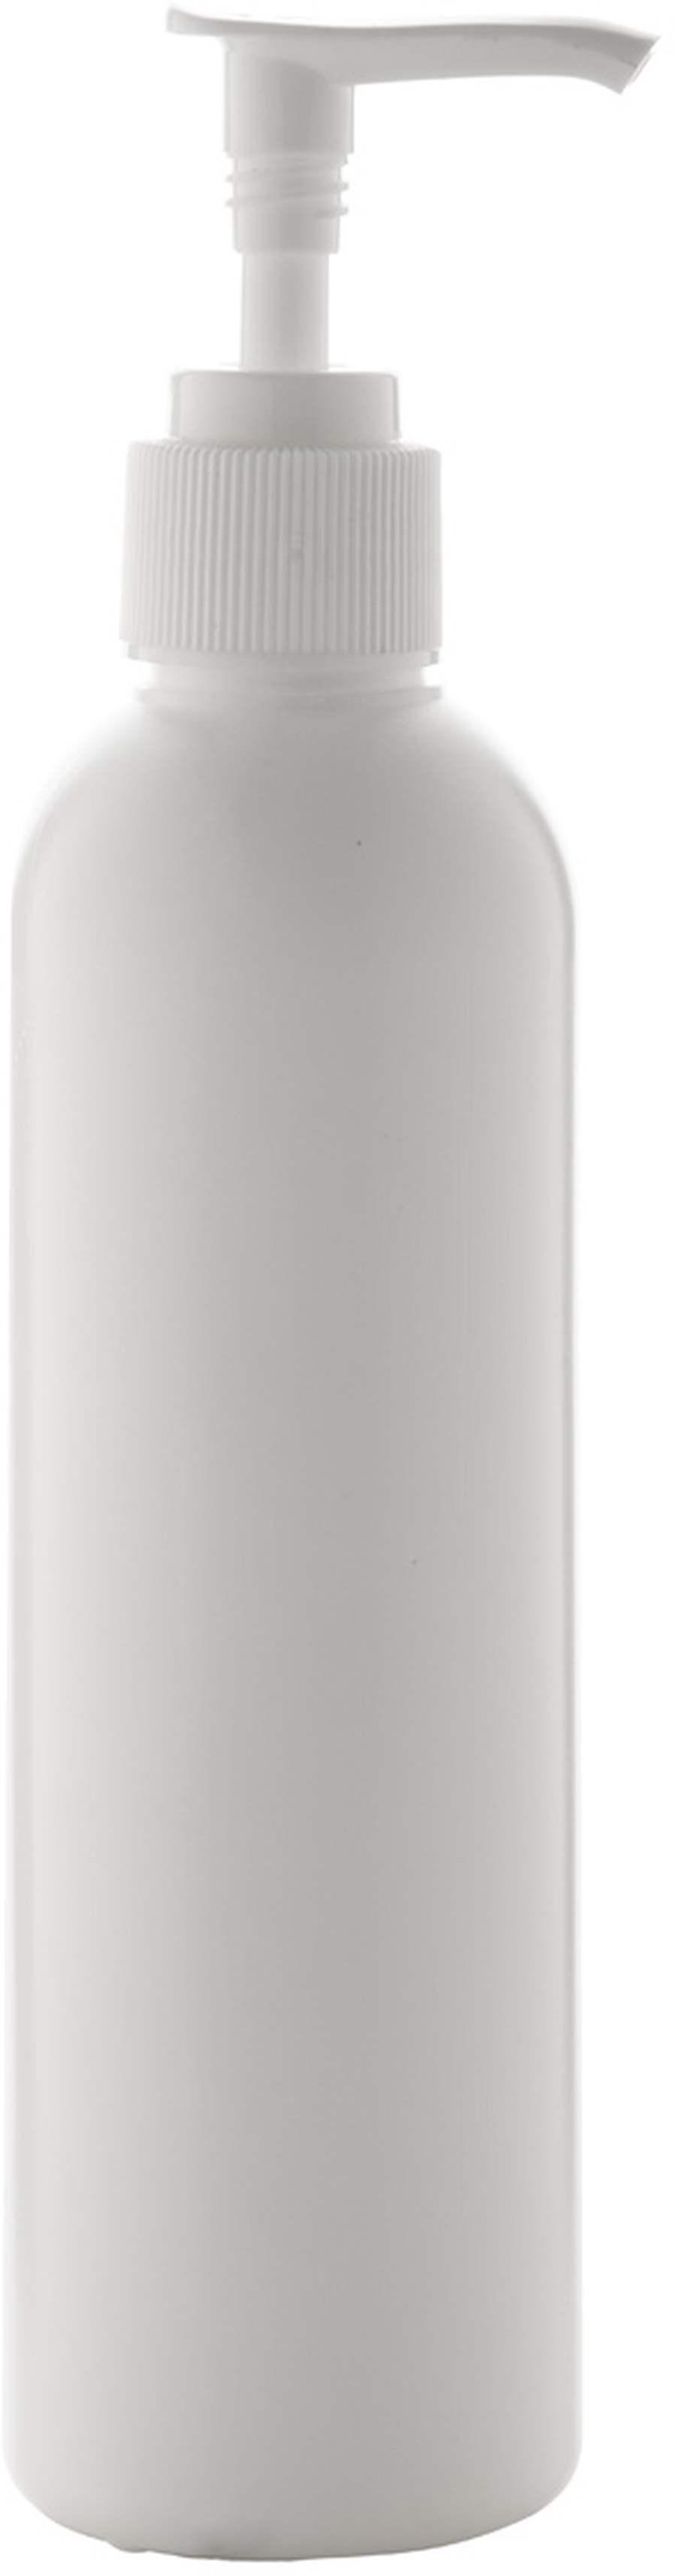 Čisticí gel na ruce v bílé plastové lahvičce s dávkovačem, 250 ml. 70% alkoholová formulace. Kosmetický přípravek, nebiocidní!